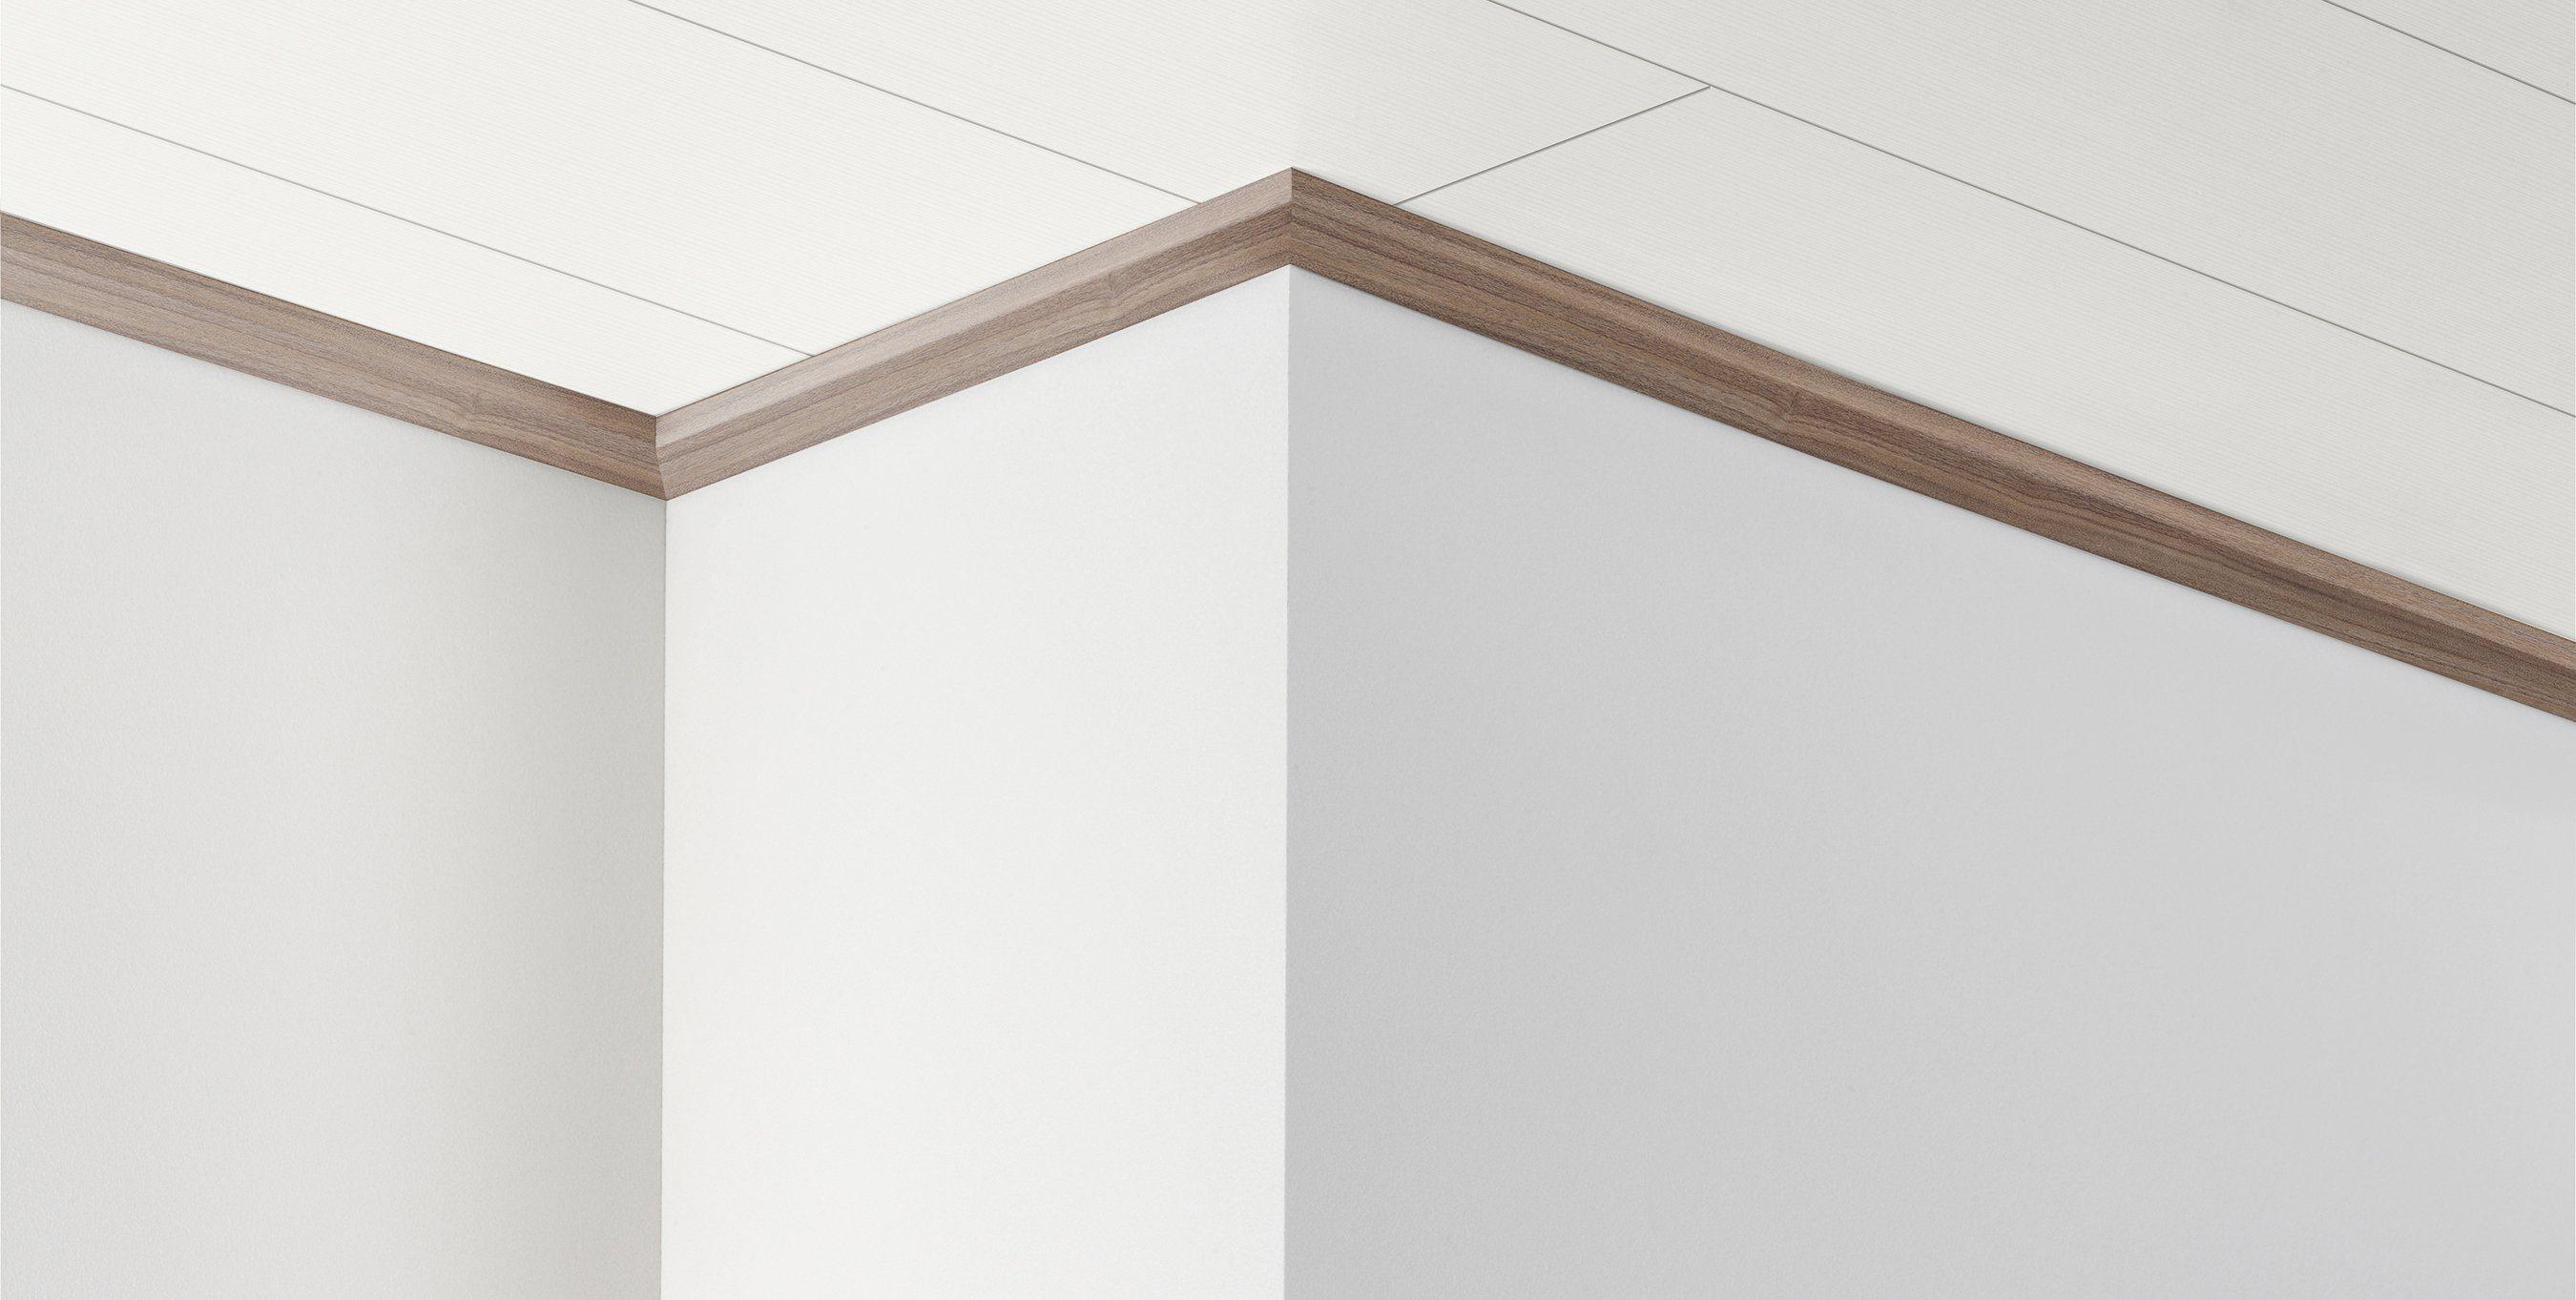 PARADOR Deckenleiste »DAL 3 - Nussbaum Dekor«, 2570 x 34 x 12 mm